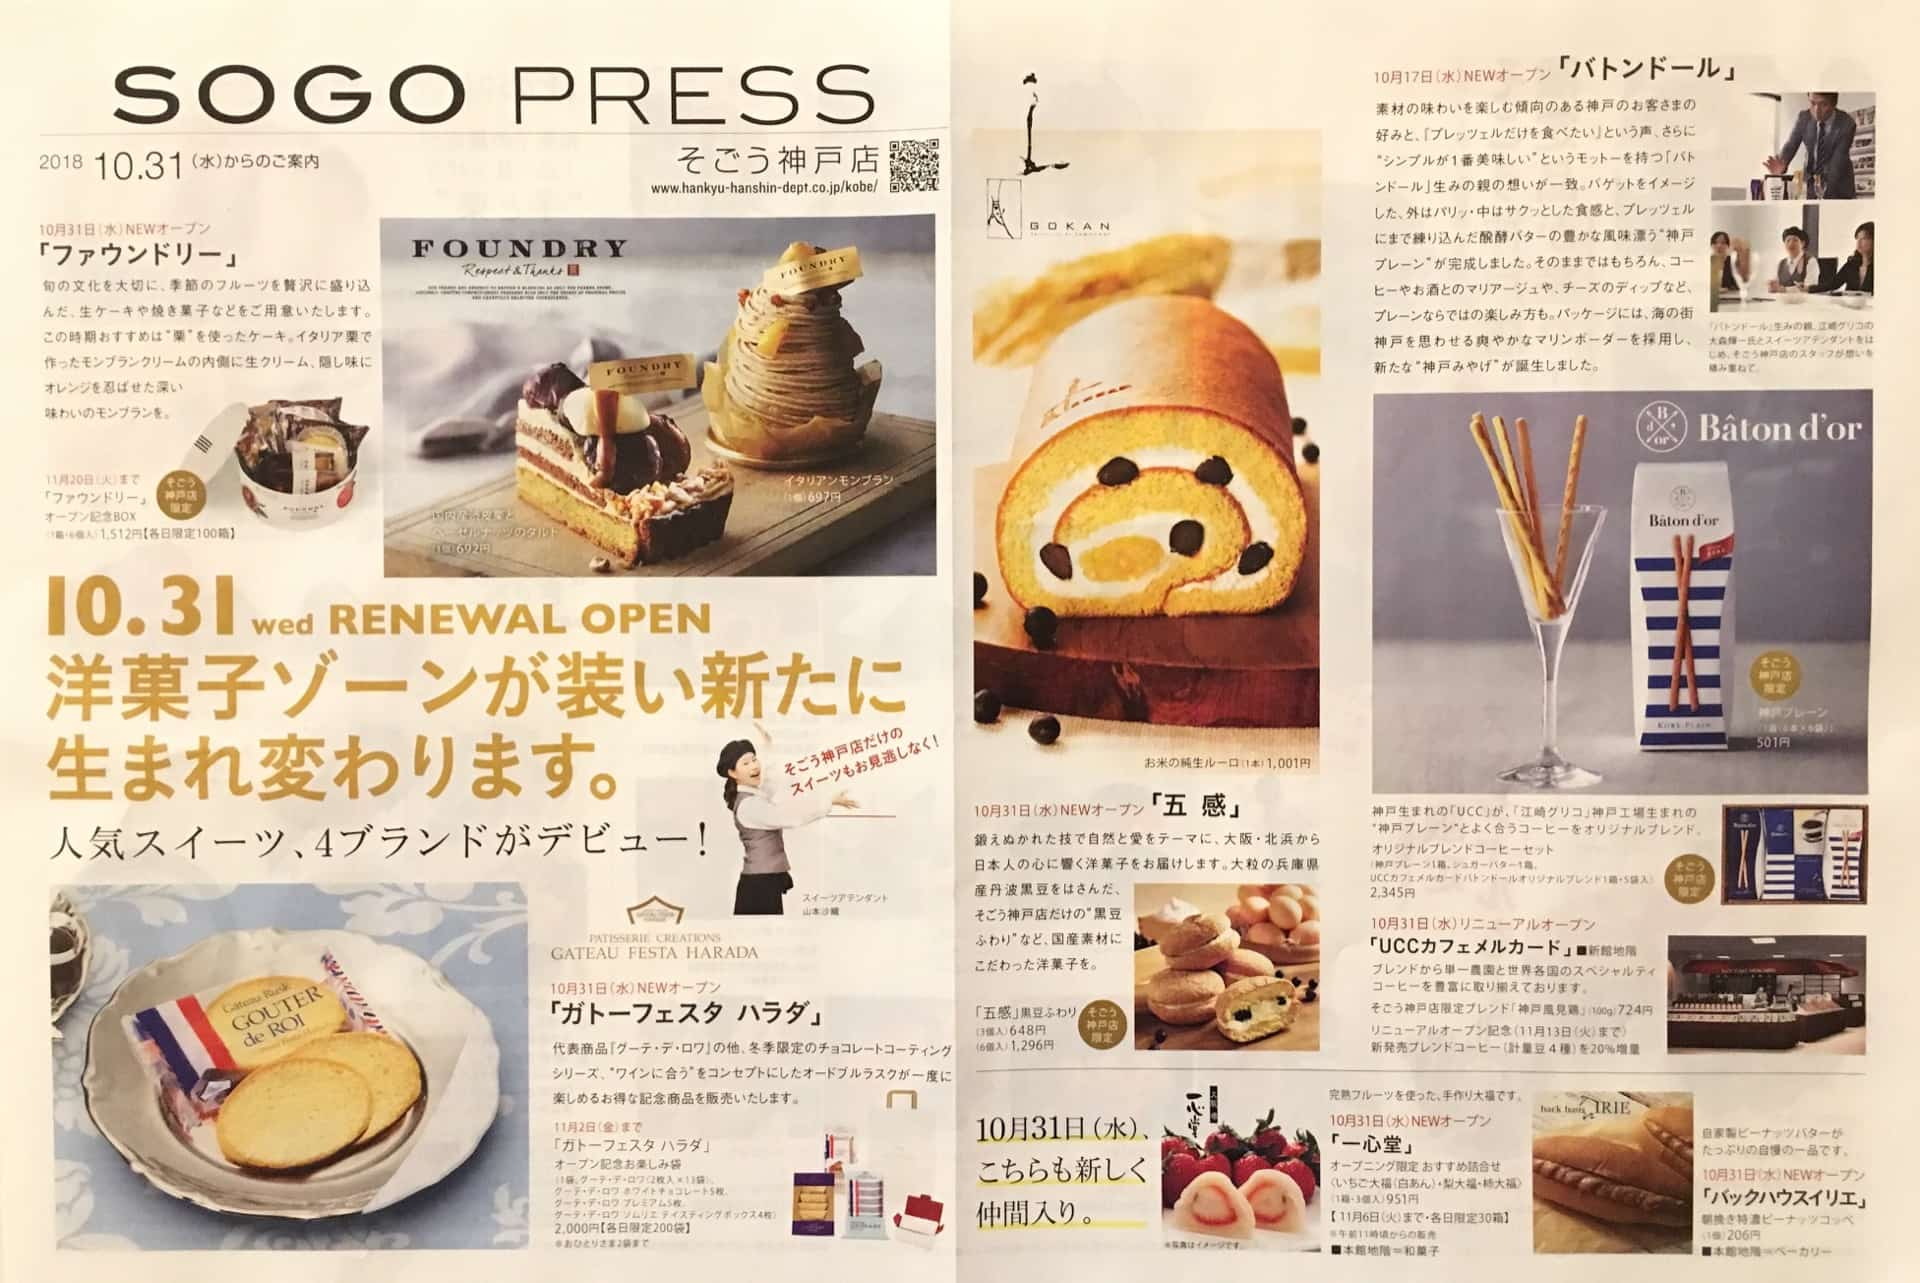 10月31日、そごう神戸店のデパ地下がリニューアルオープン!人気スイーツ・ケーキの新店も登場